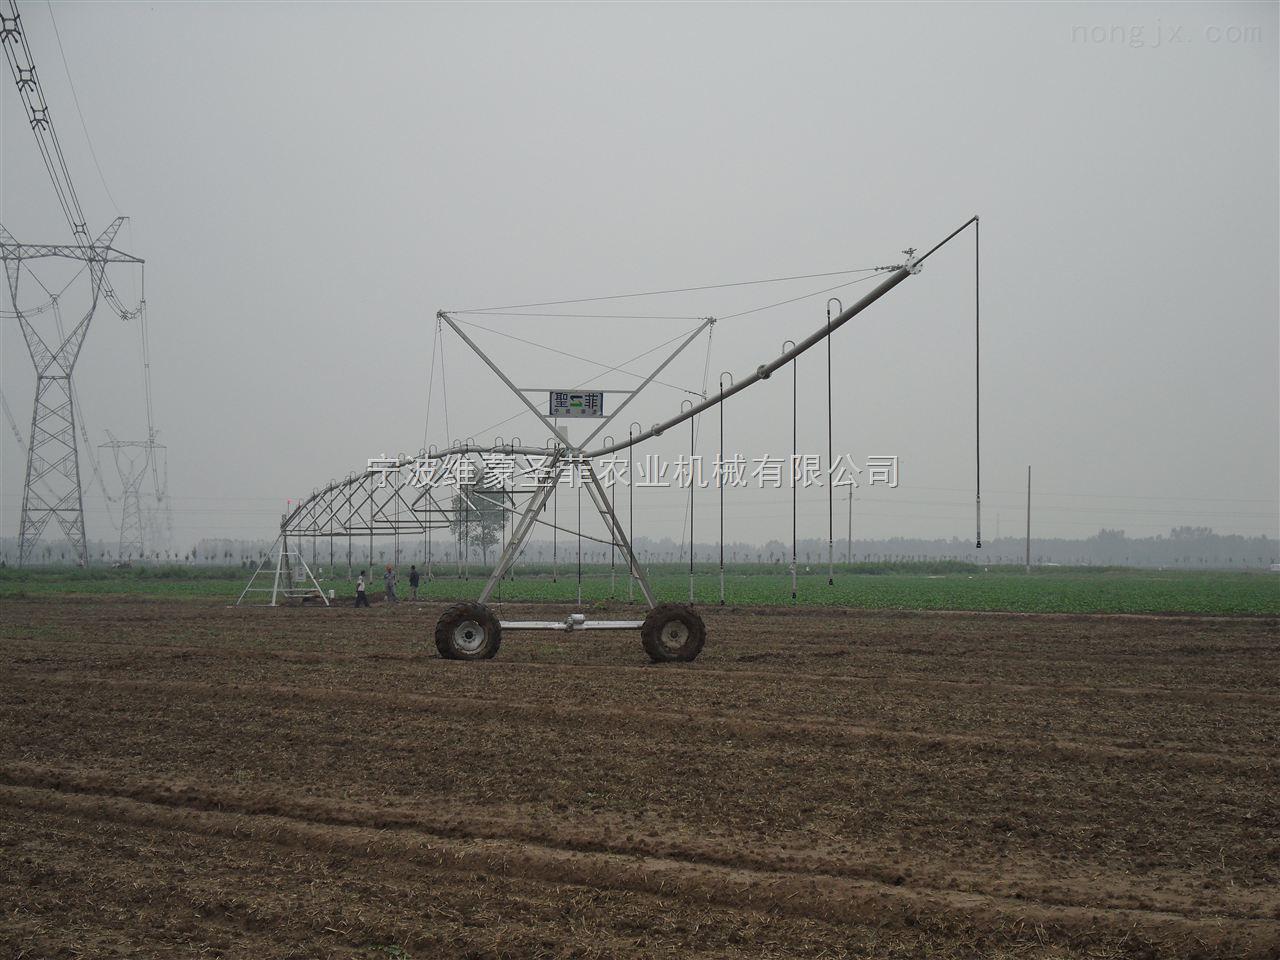 維蒙聖菲DYP-70型單跨圓形噴灌機